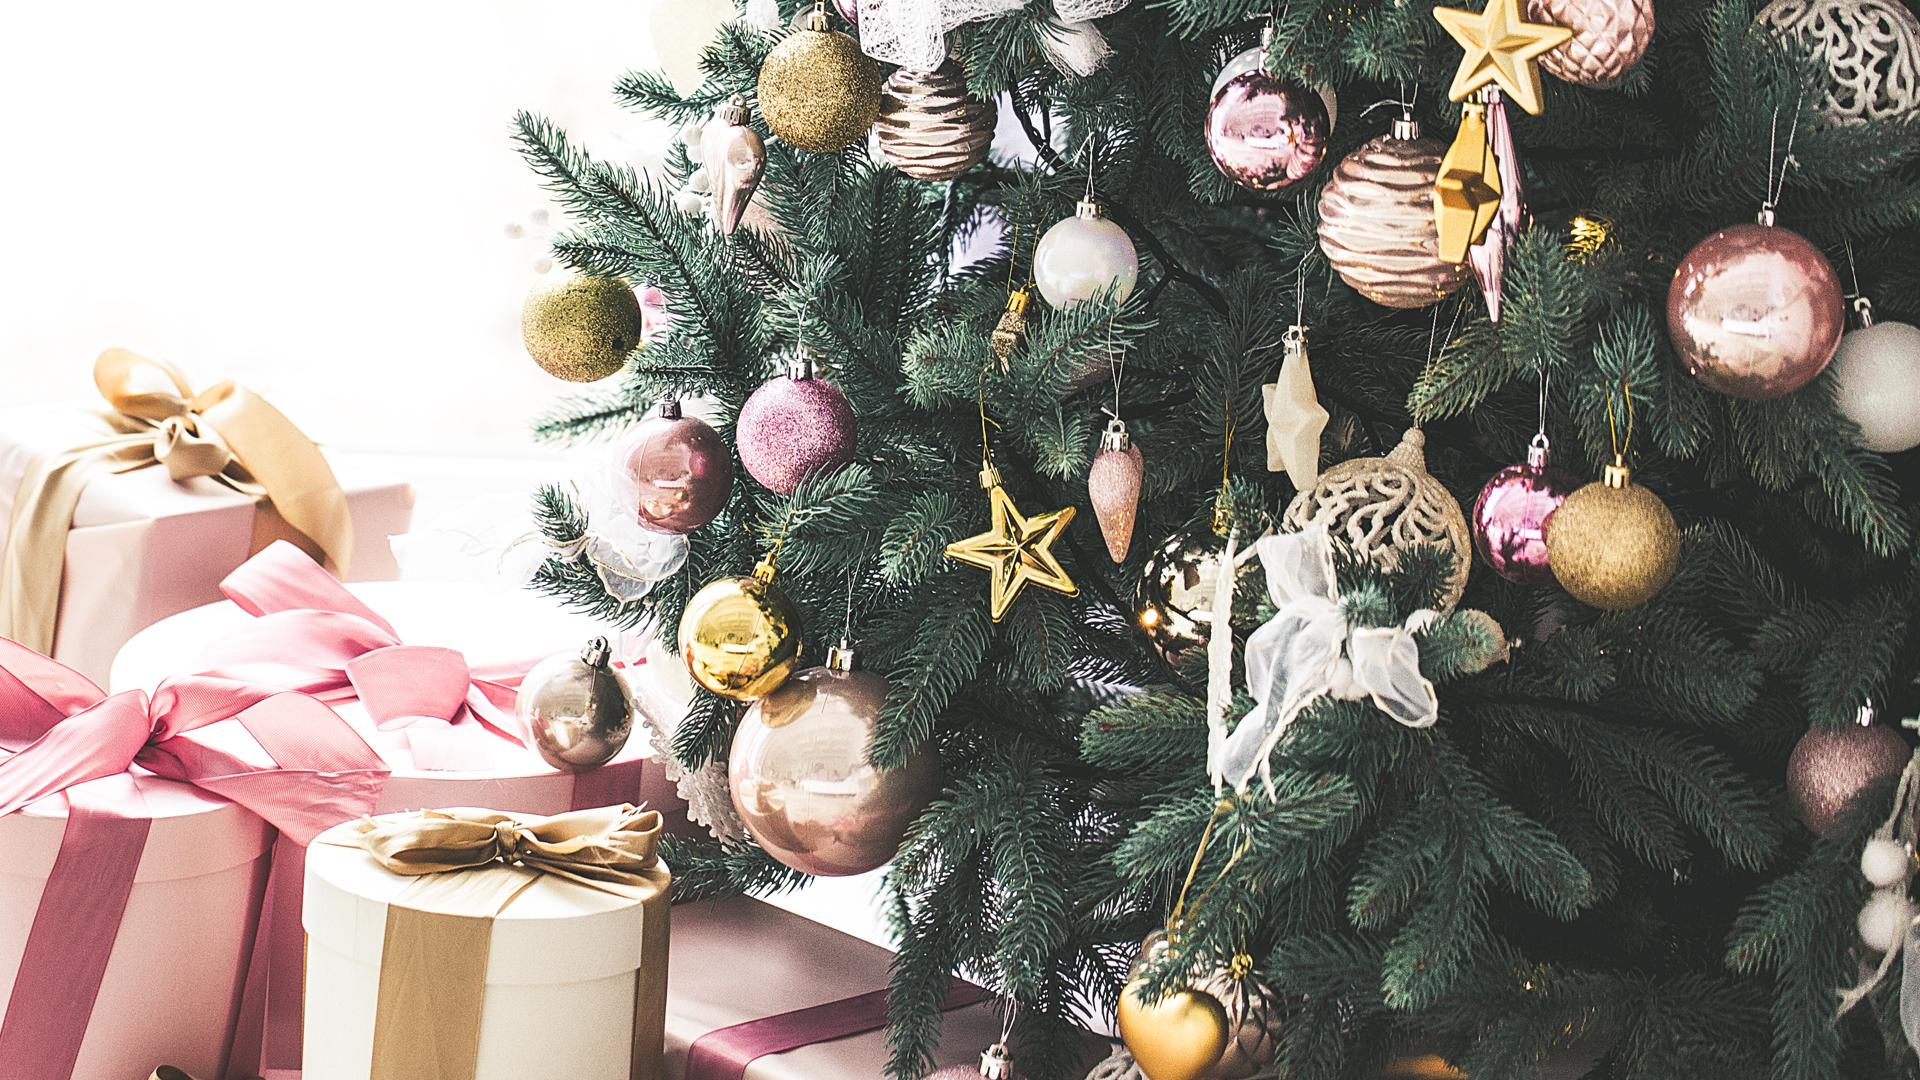 Bis Wann Bleibt Der Weihnachtsbaum Stehen.Oh Tannenbaum Sieben Wissenswerte Tipps Rund Um Den